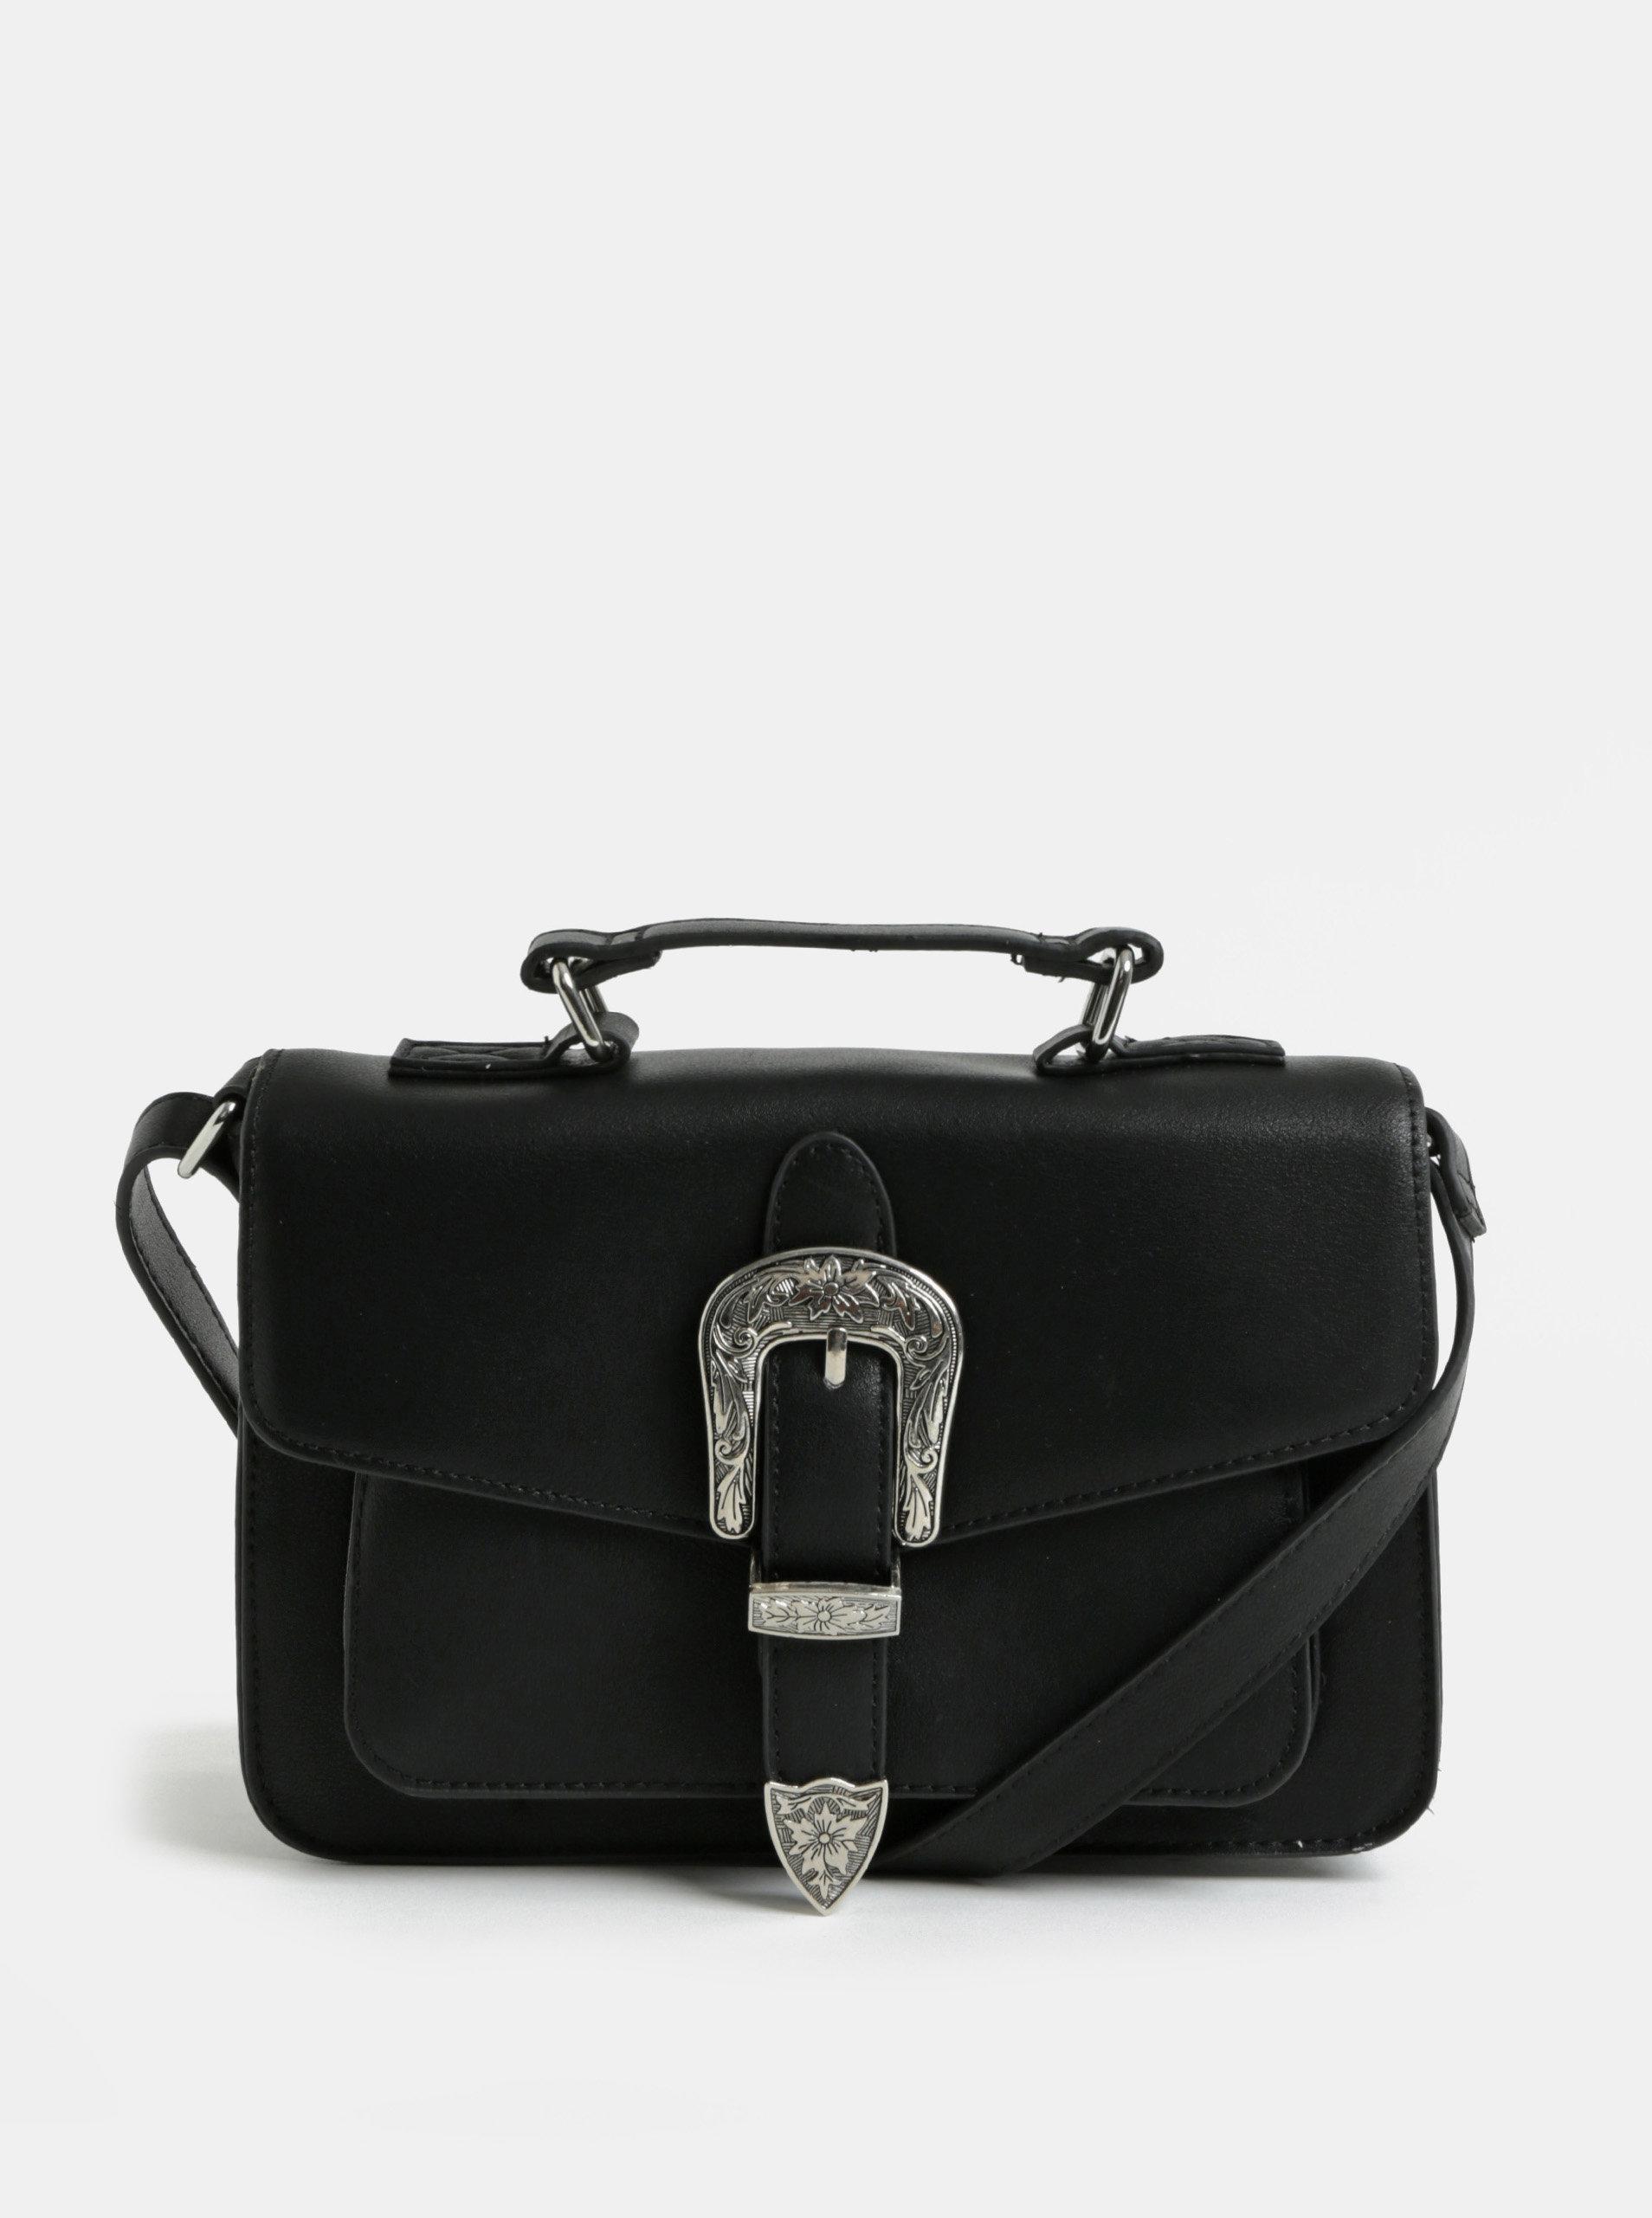 Černá malá crossbody kabelka se sponou ve stříbrné barvě Pieces Faustine